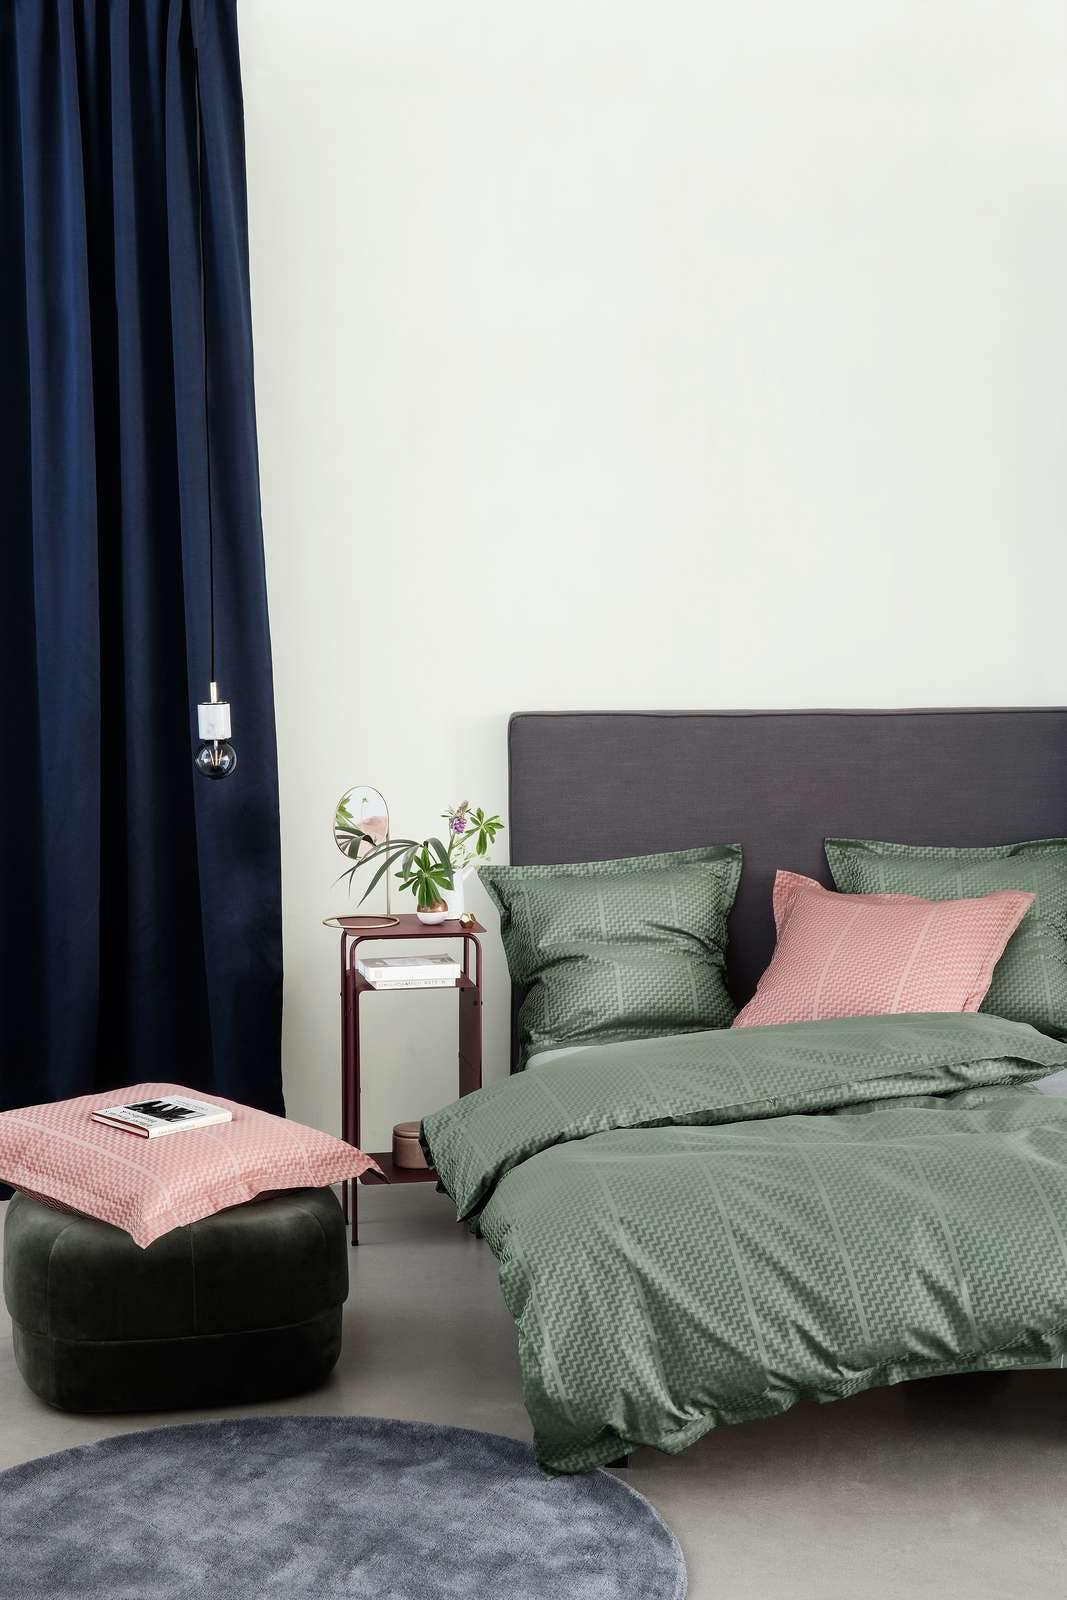 Bent Georg Jensens TRIPP sengetøj design i Misty Rose og Fir Green